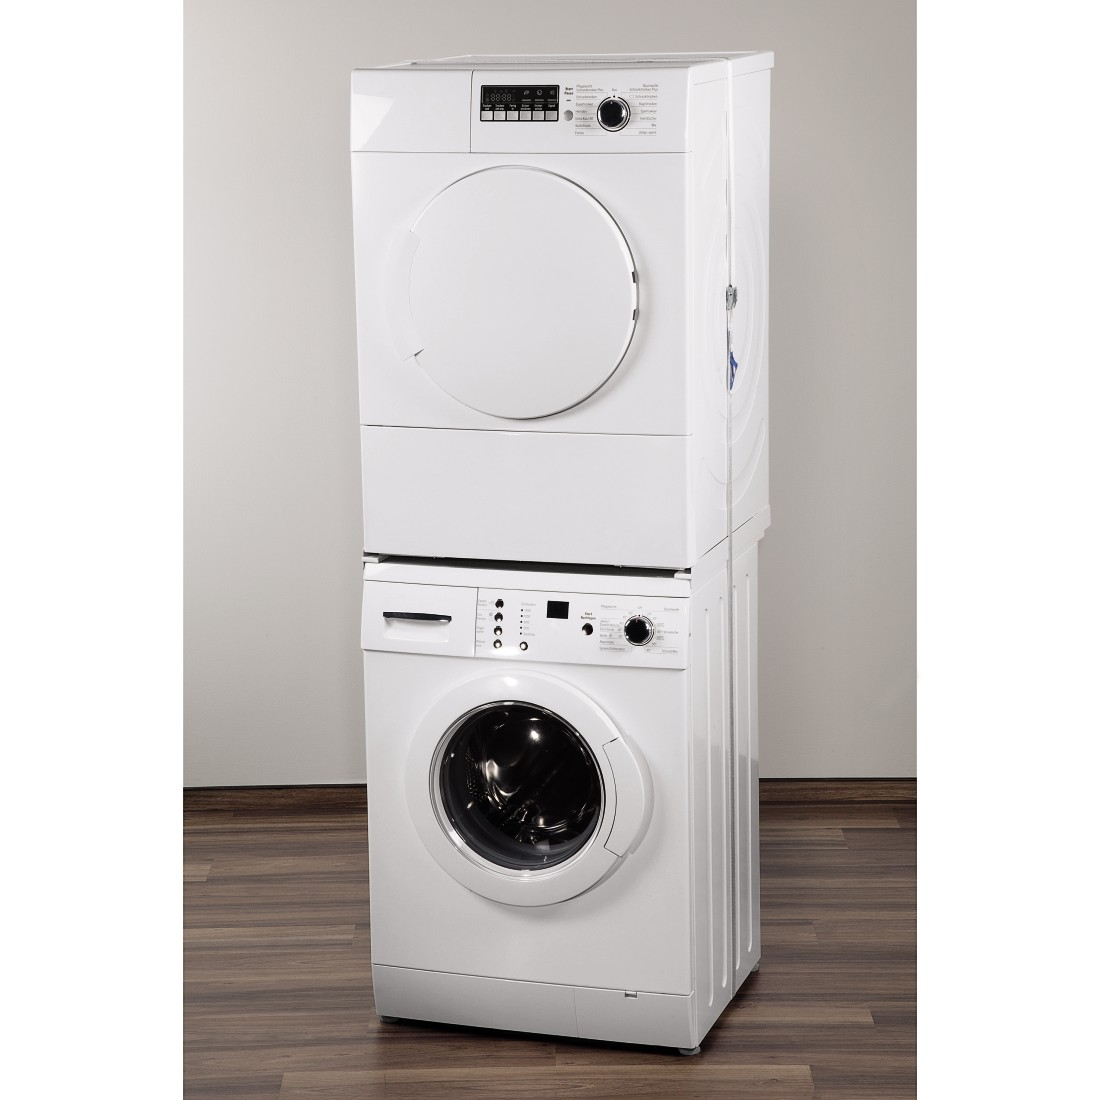 00111379 xavax zwischenbaurahmen offene front f r waschmaschine und trockner 55. Black Bedroom Furniture Sets. Home Design Ideas